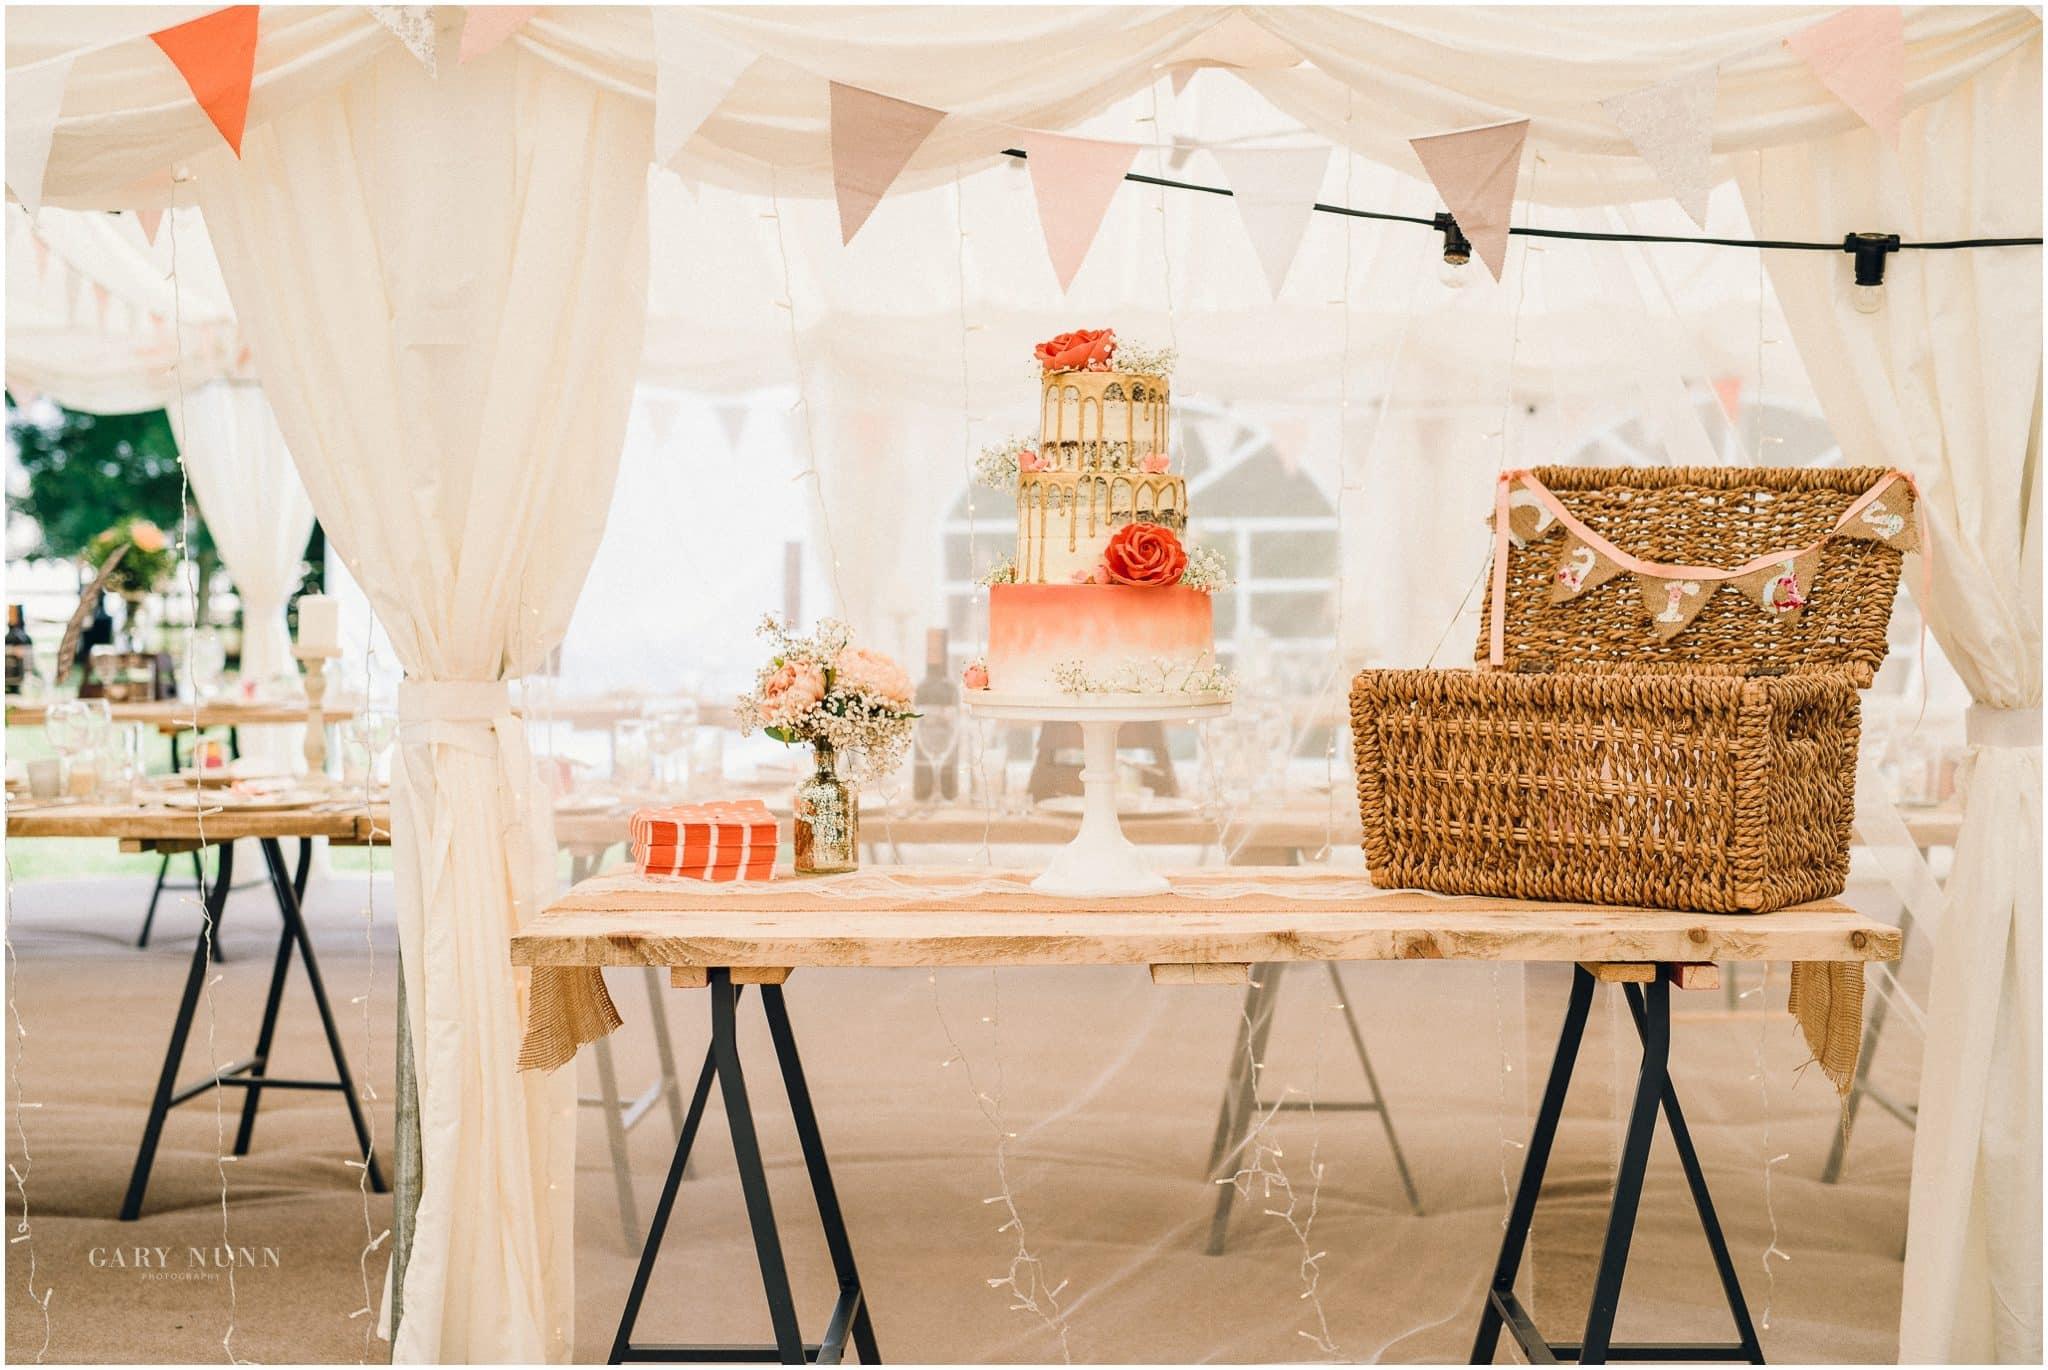 wedding planning checklist, Wedding checklist UK, bellows mill